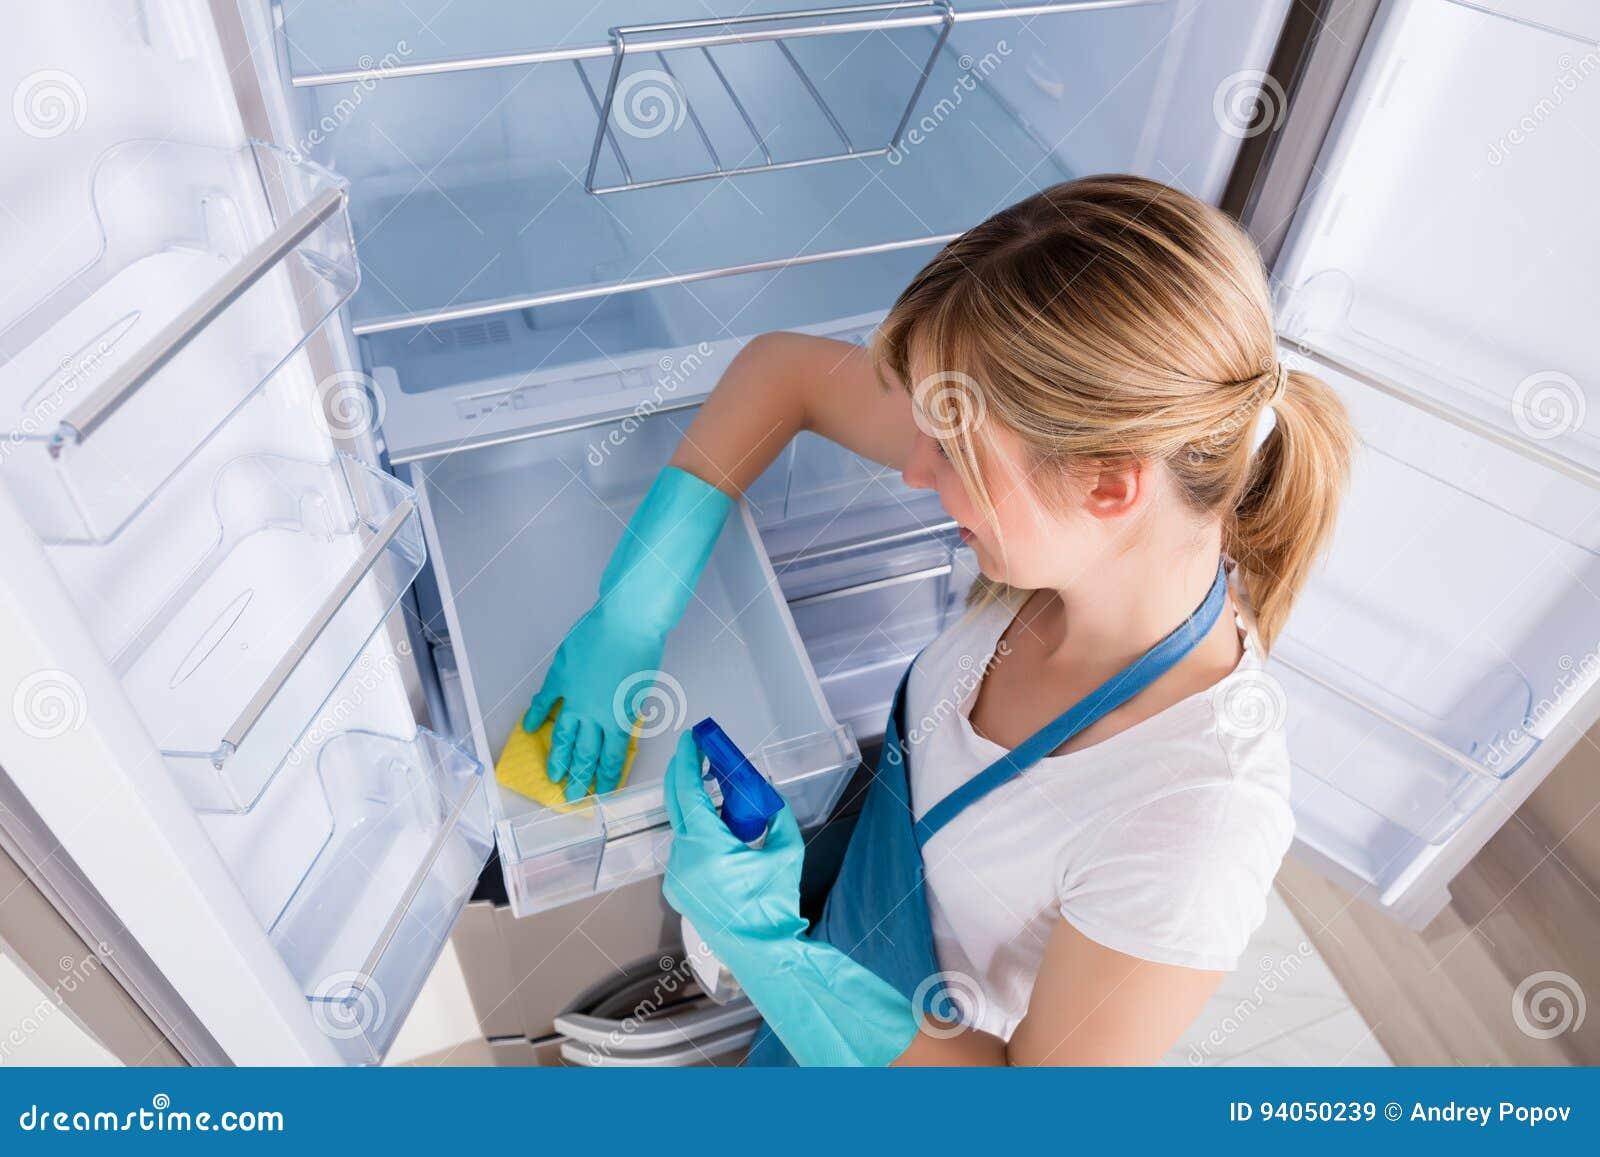 Взгляд высокого угла холодильника чистки женщины